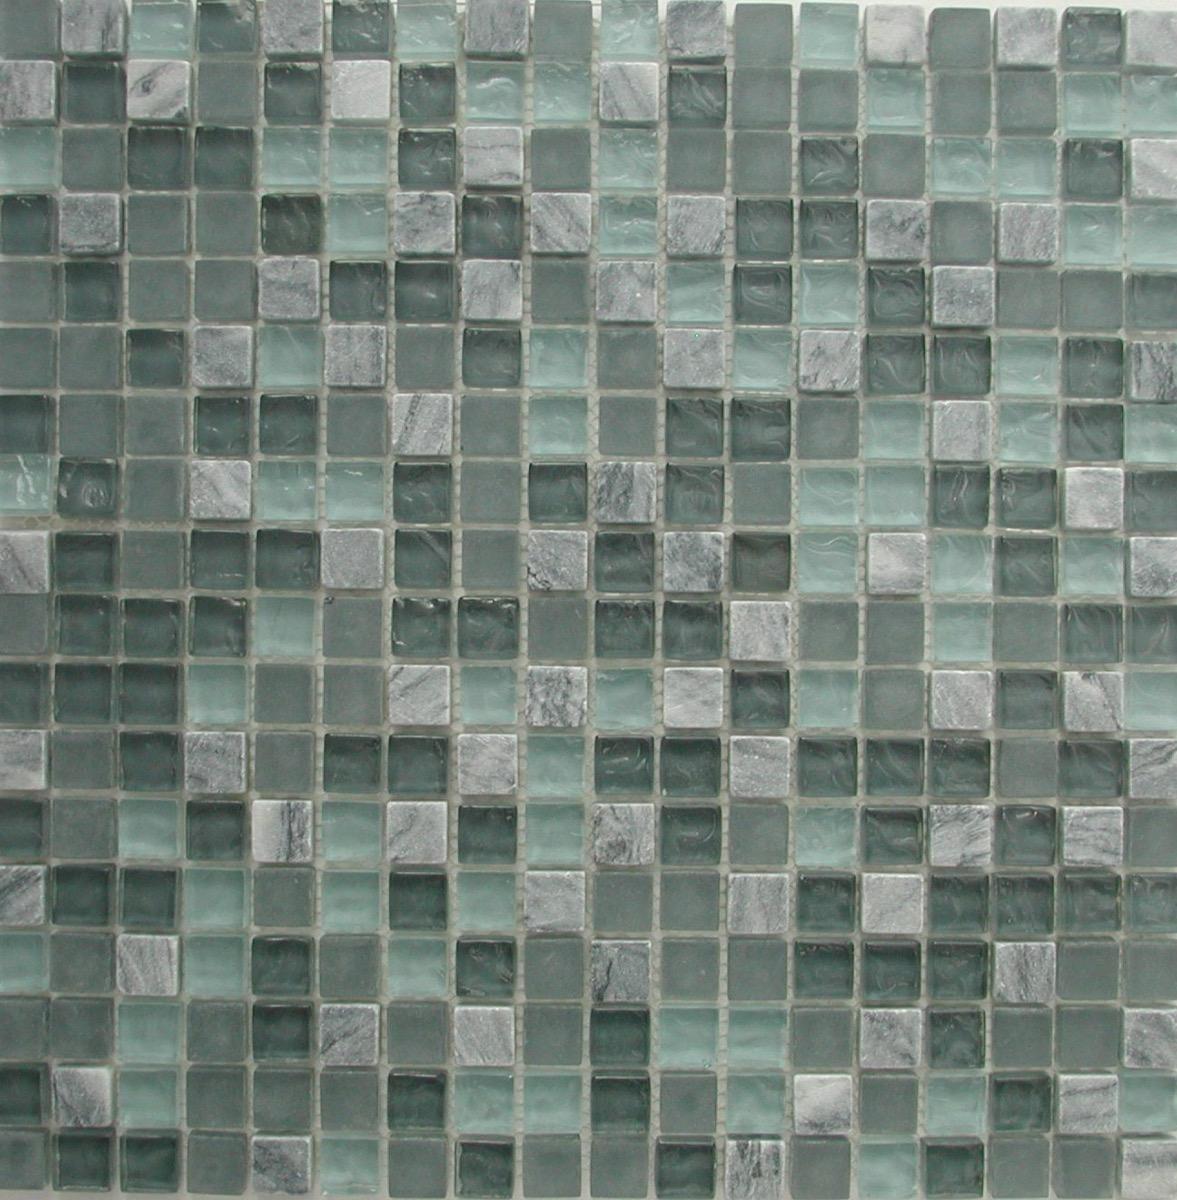 Bleu mosaïque mix bleu turquoise foncé et marbre blanc pâte de verre  vétrocristal plaque